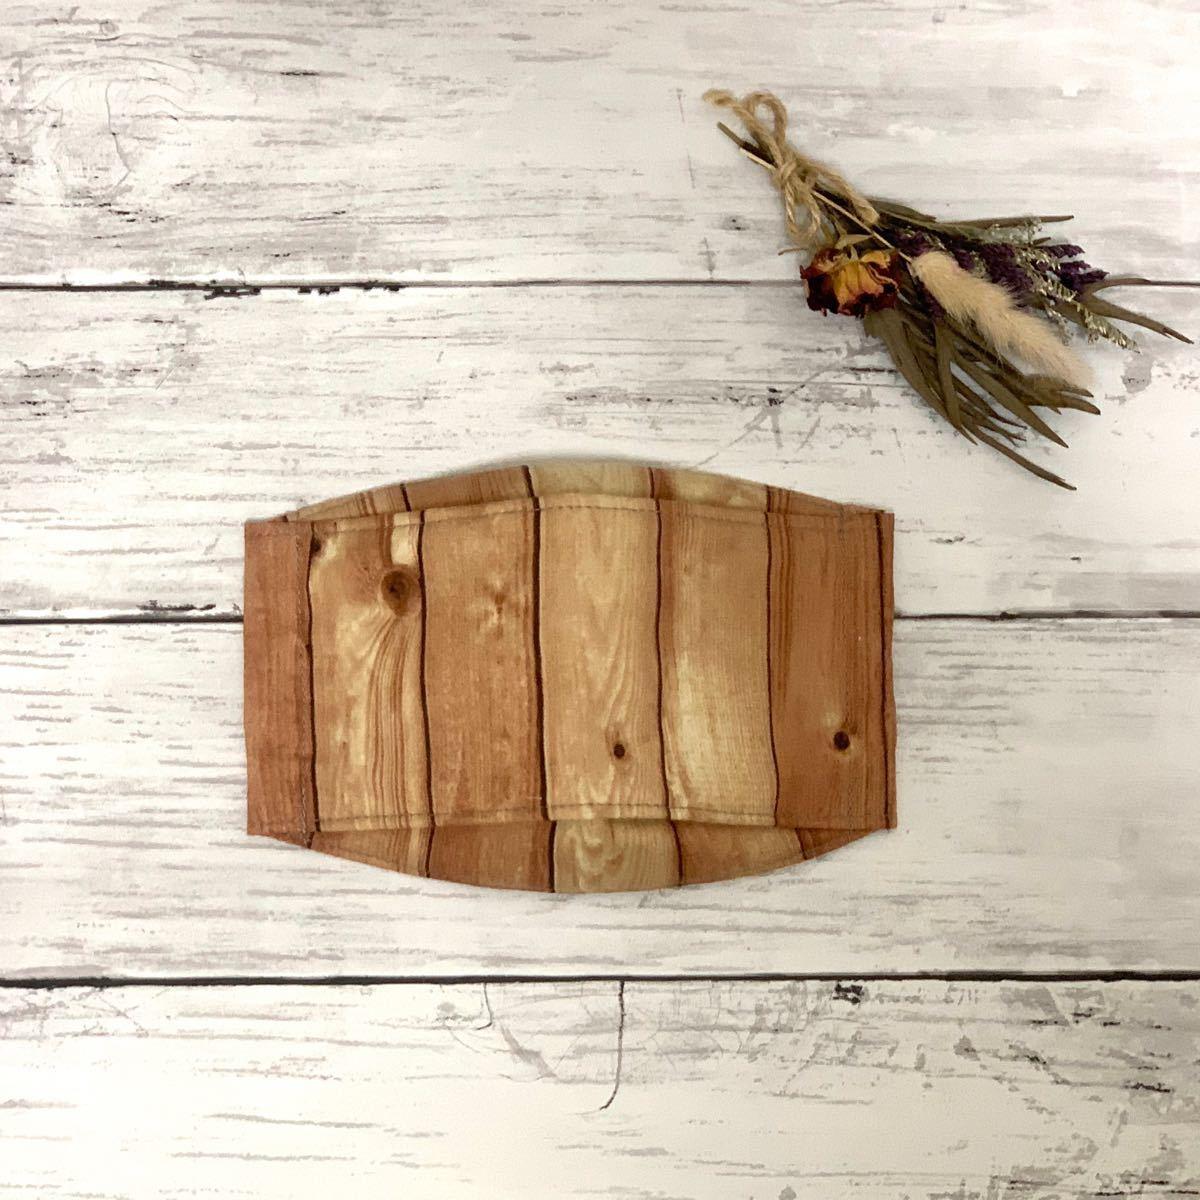 【ハンドメイド】木目柄 2枚セット 抗菌 抗ウイルス加工 クレンゼ生地 立体インナー 大人サイズ 大臣型  ウッド wood